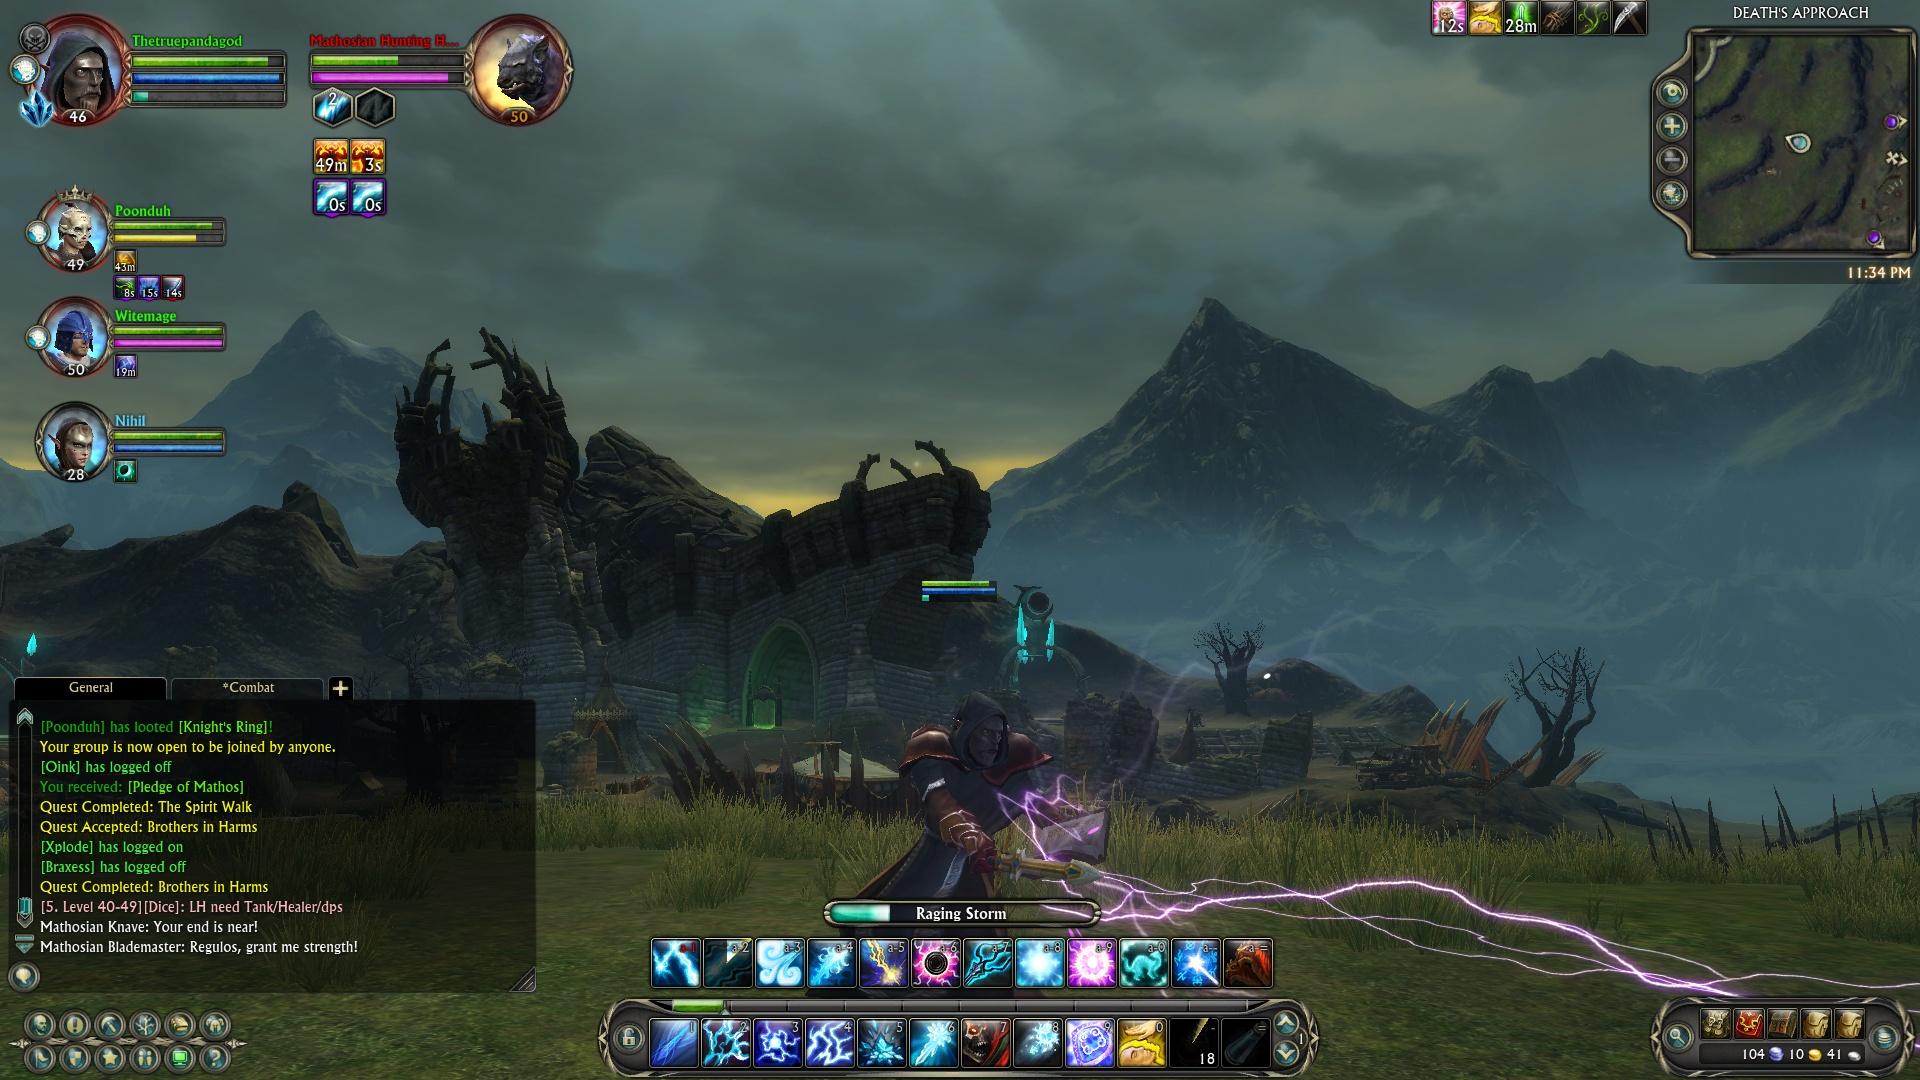 thetruepandagod games saga whee quest complete safe baud screenshot thread rift